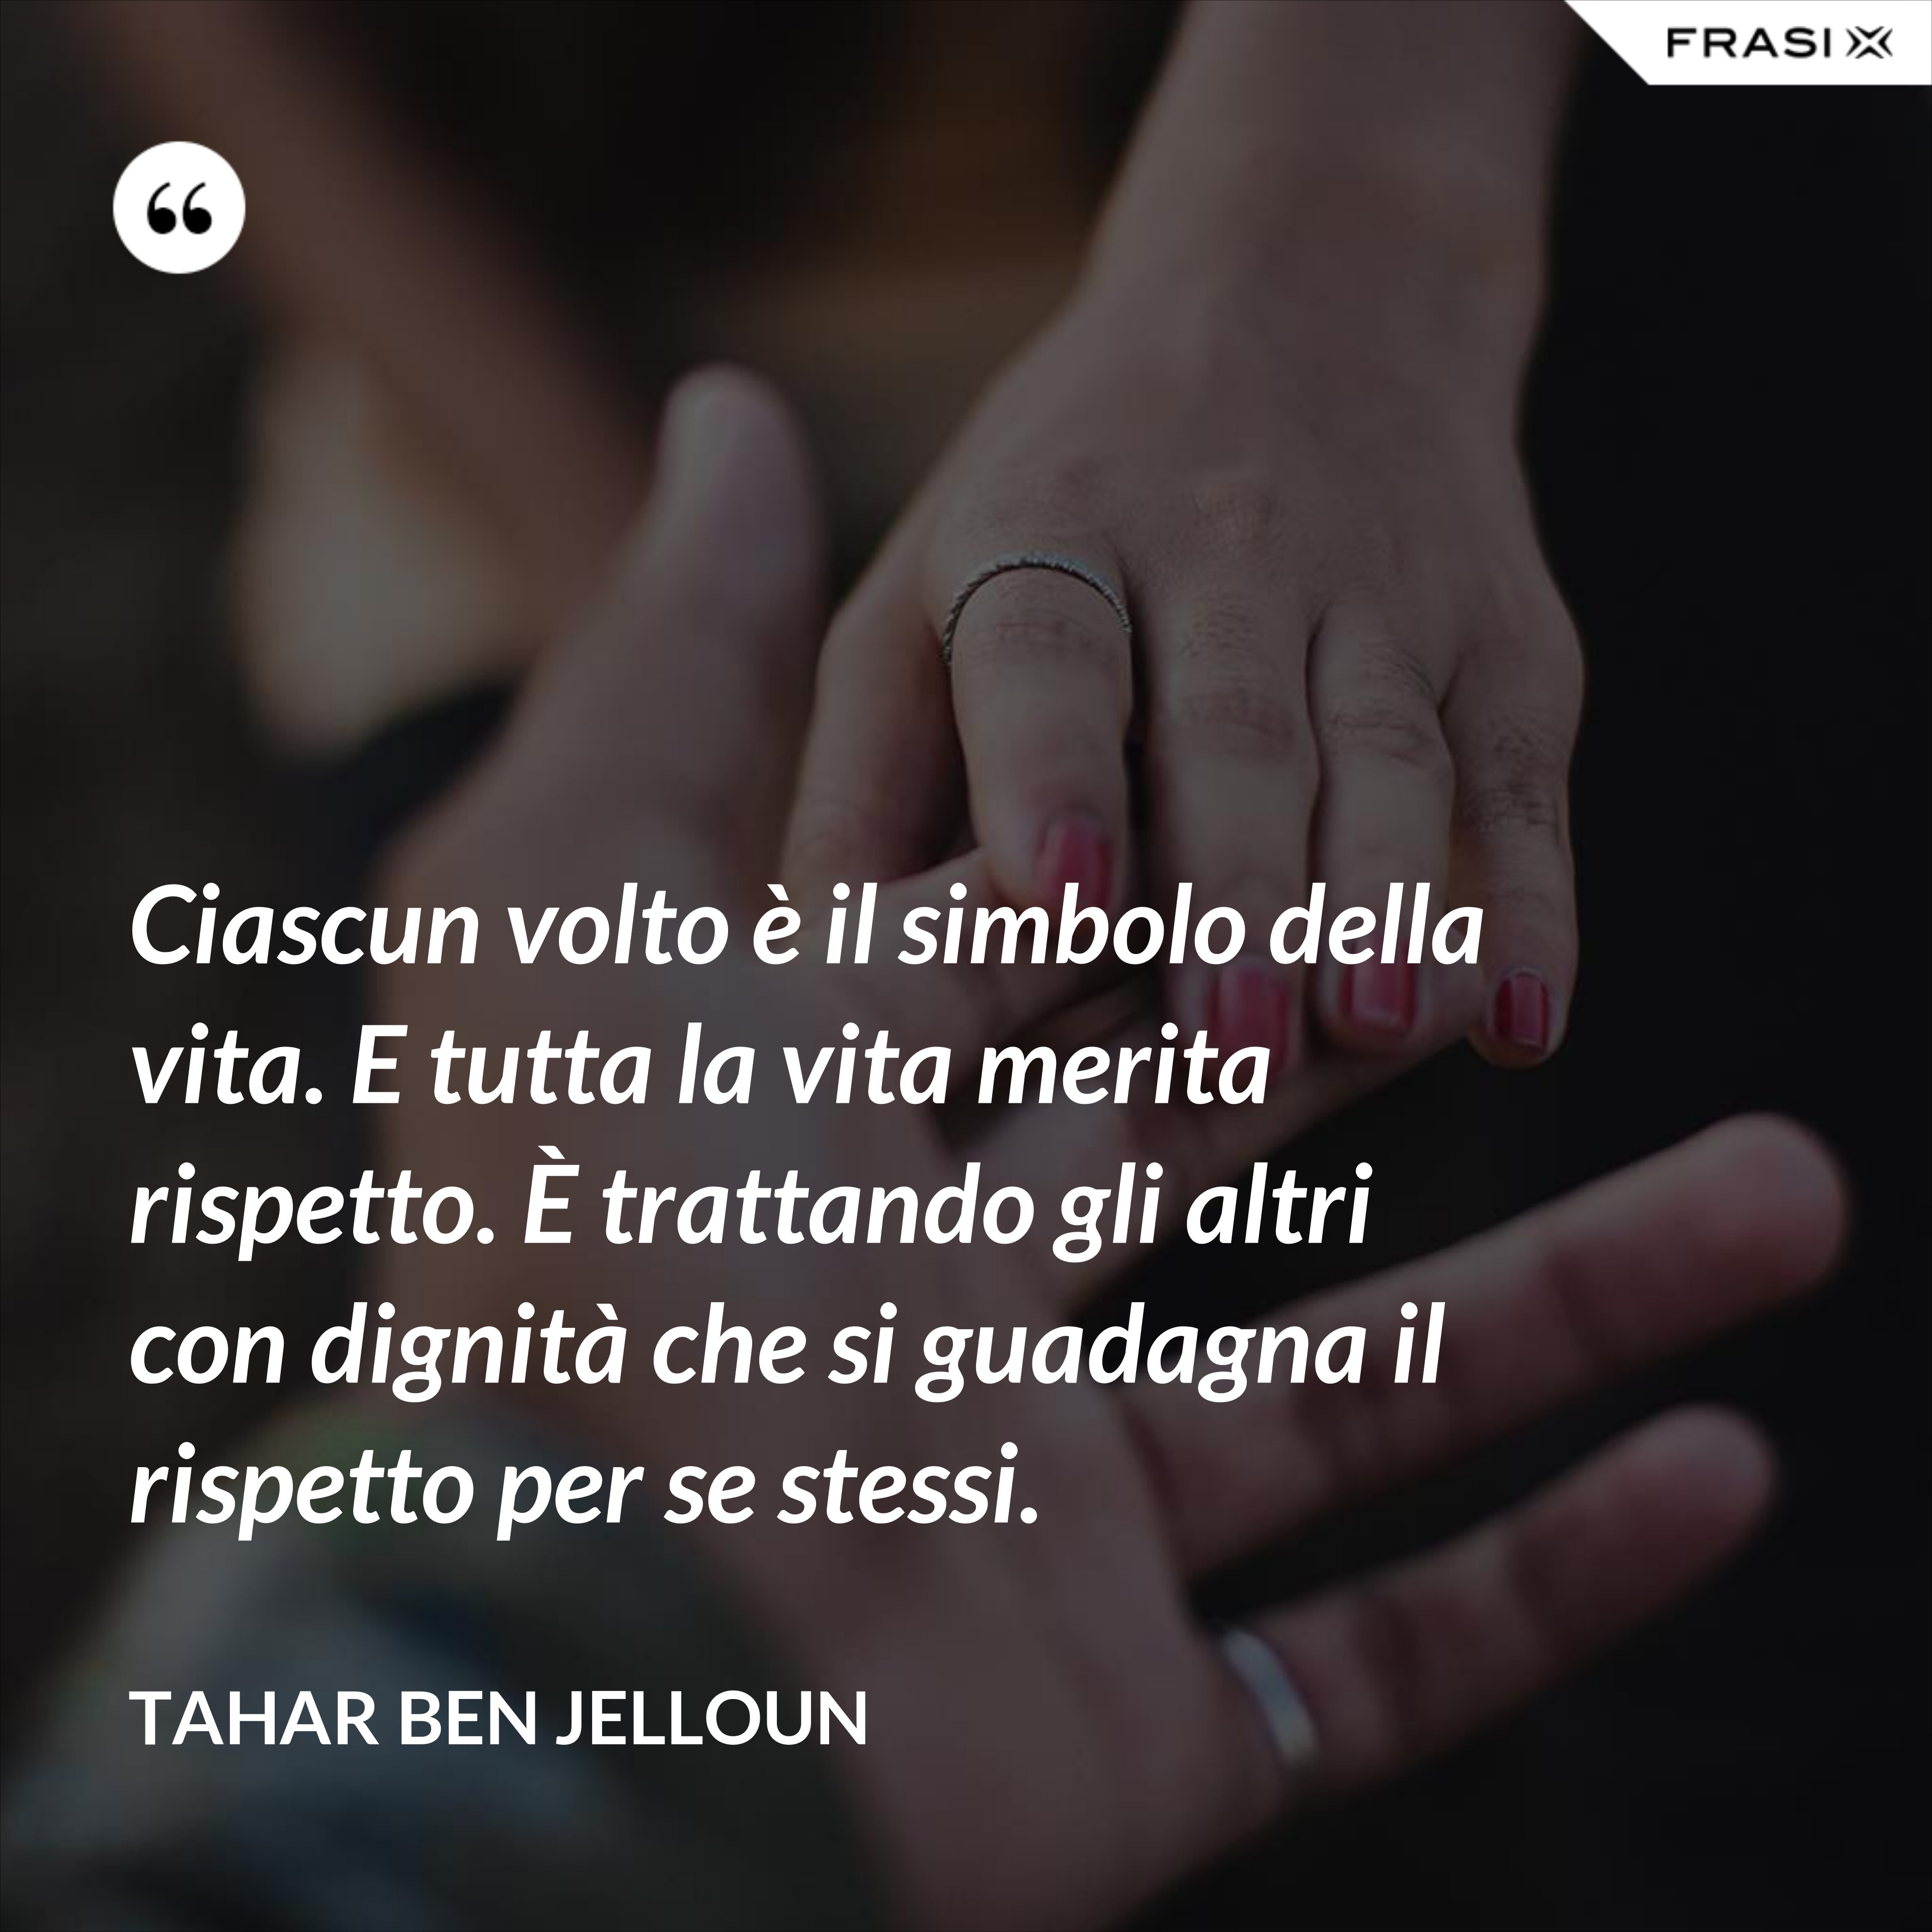 Ciascun volto è il simbolo della vita. E tutta la vita merita rispetto. È trattando gli altri con dignità che si guadagna il rispetto per se stessi. - Tahar Ben Jelloun